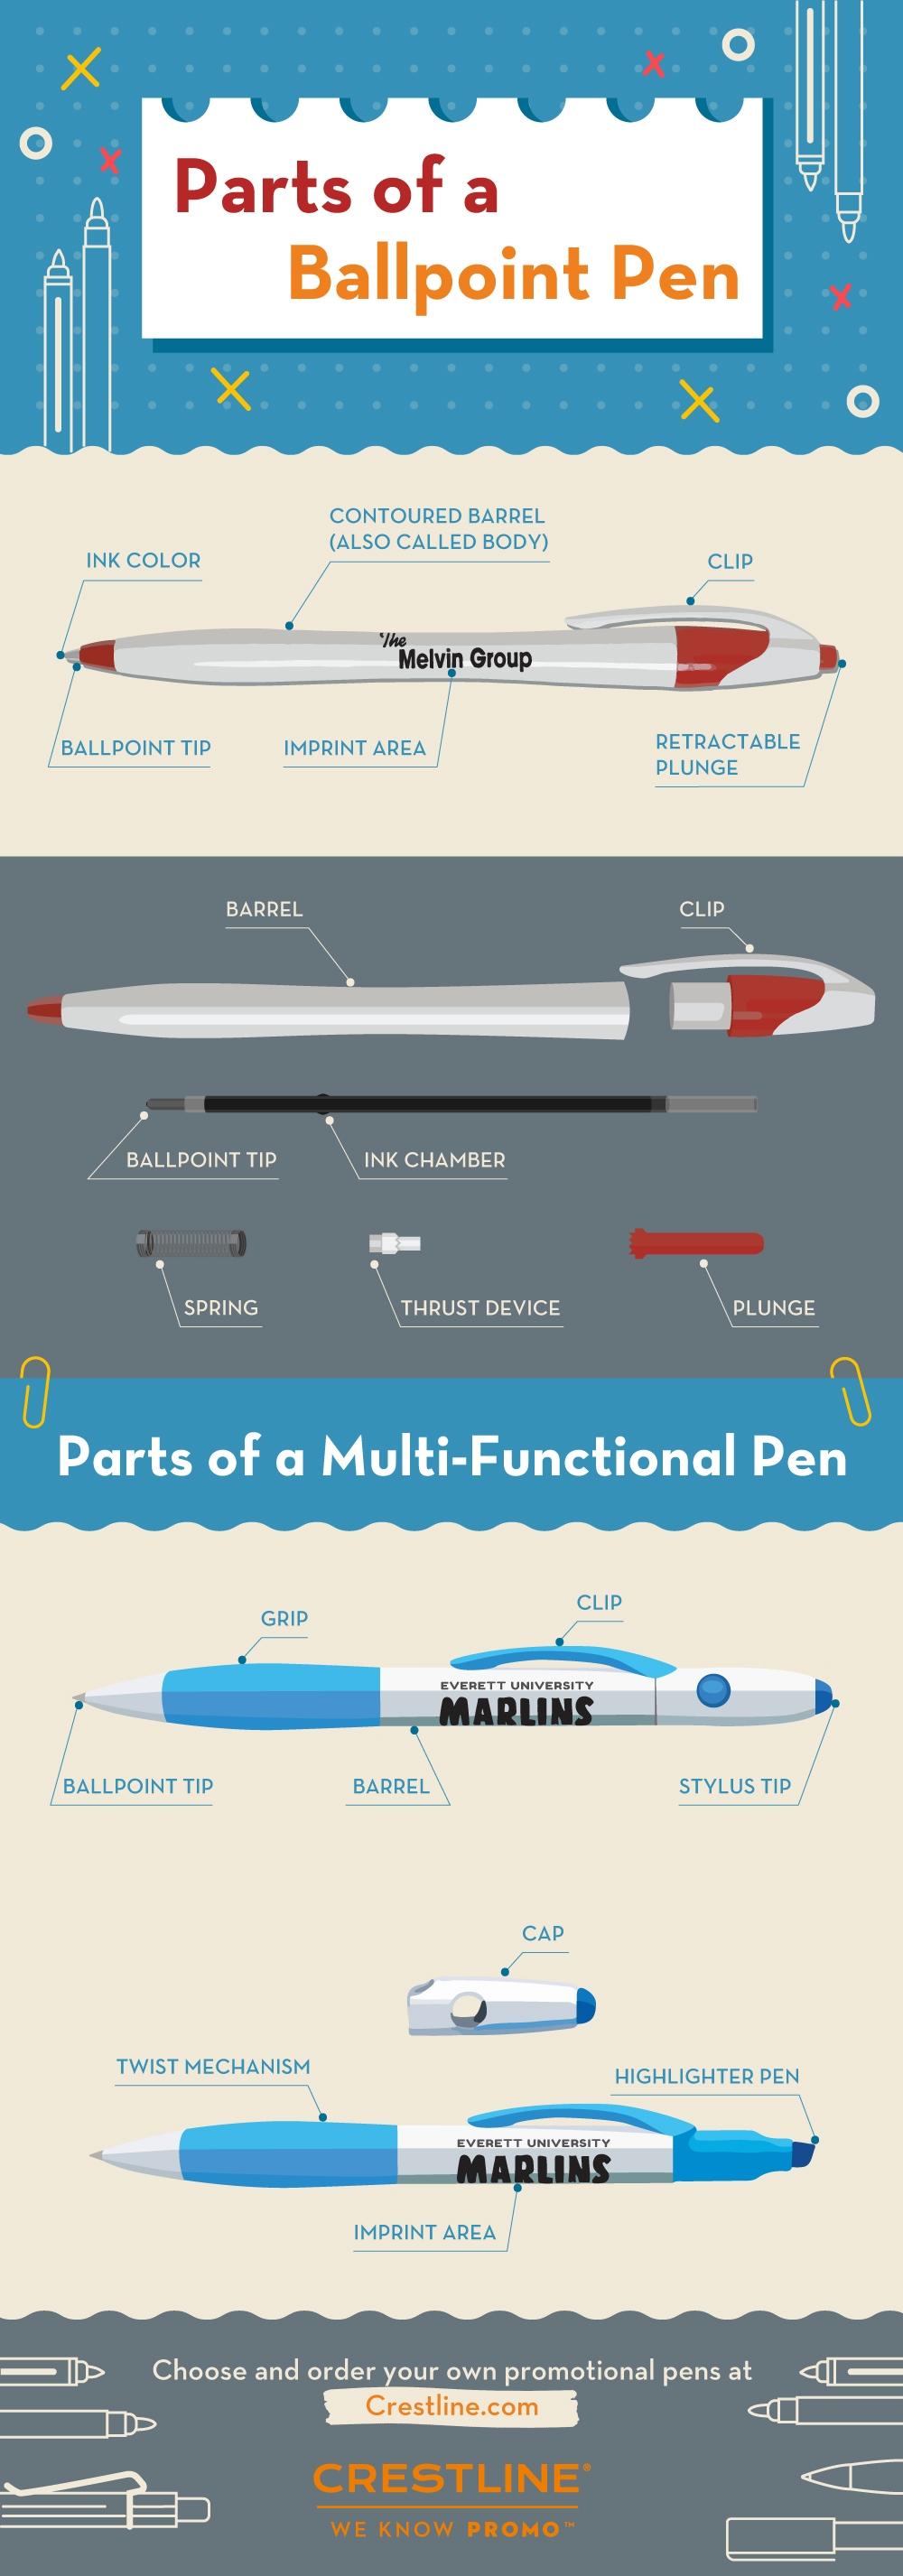 Pen Anatomy Infographic